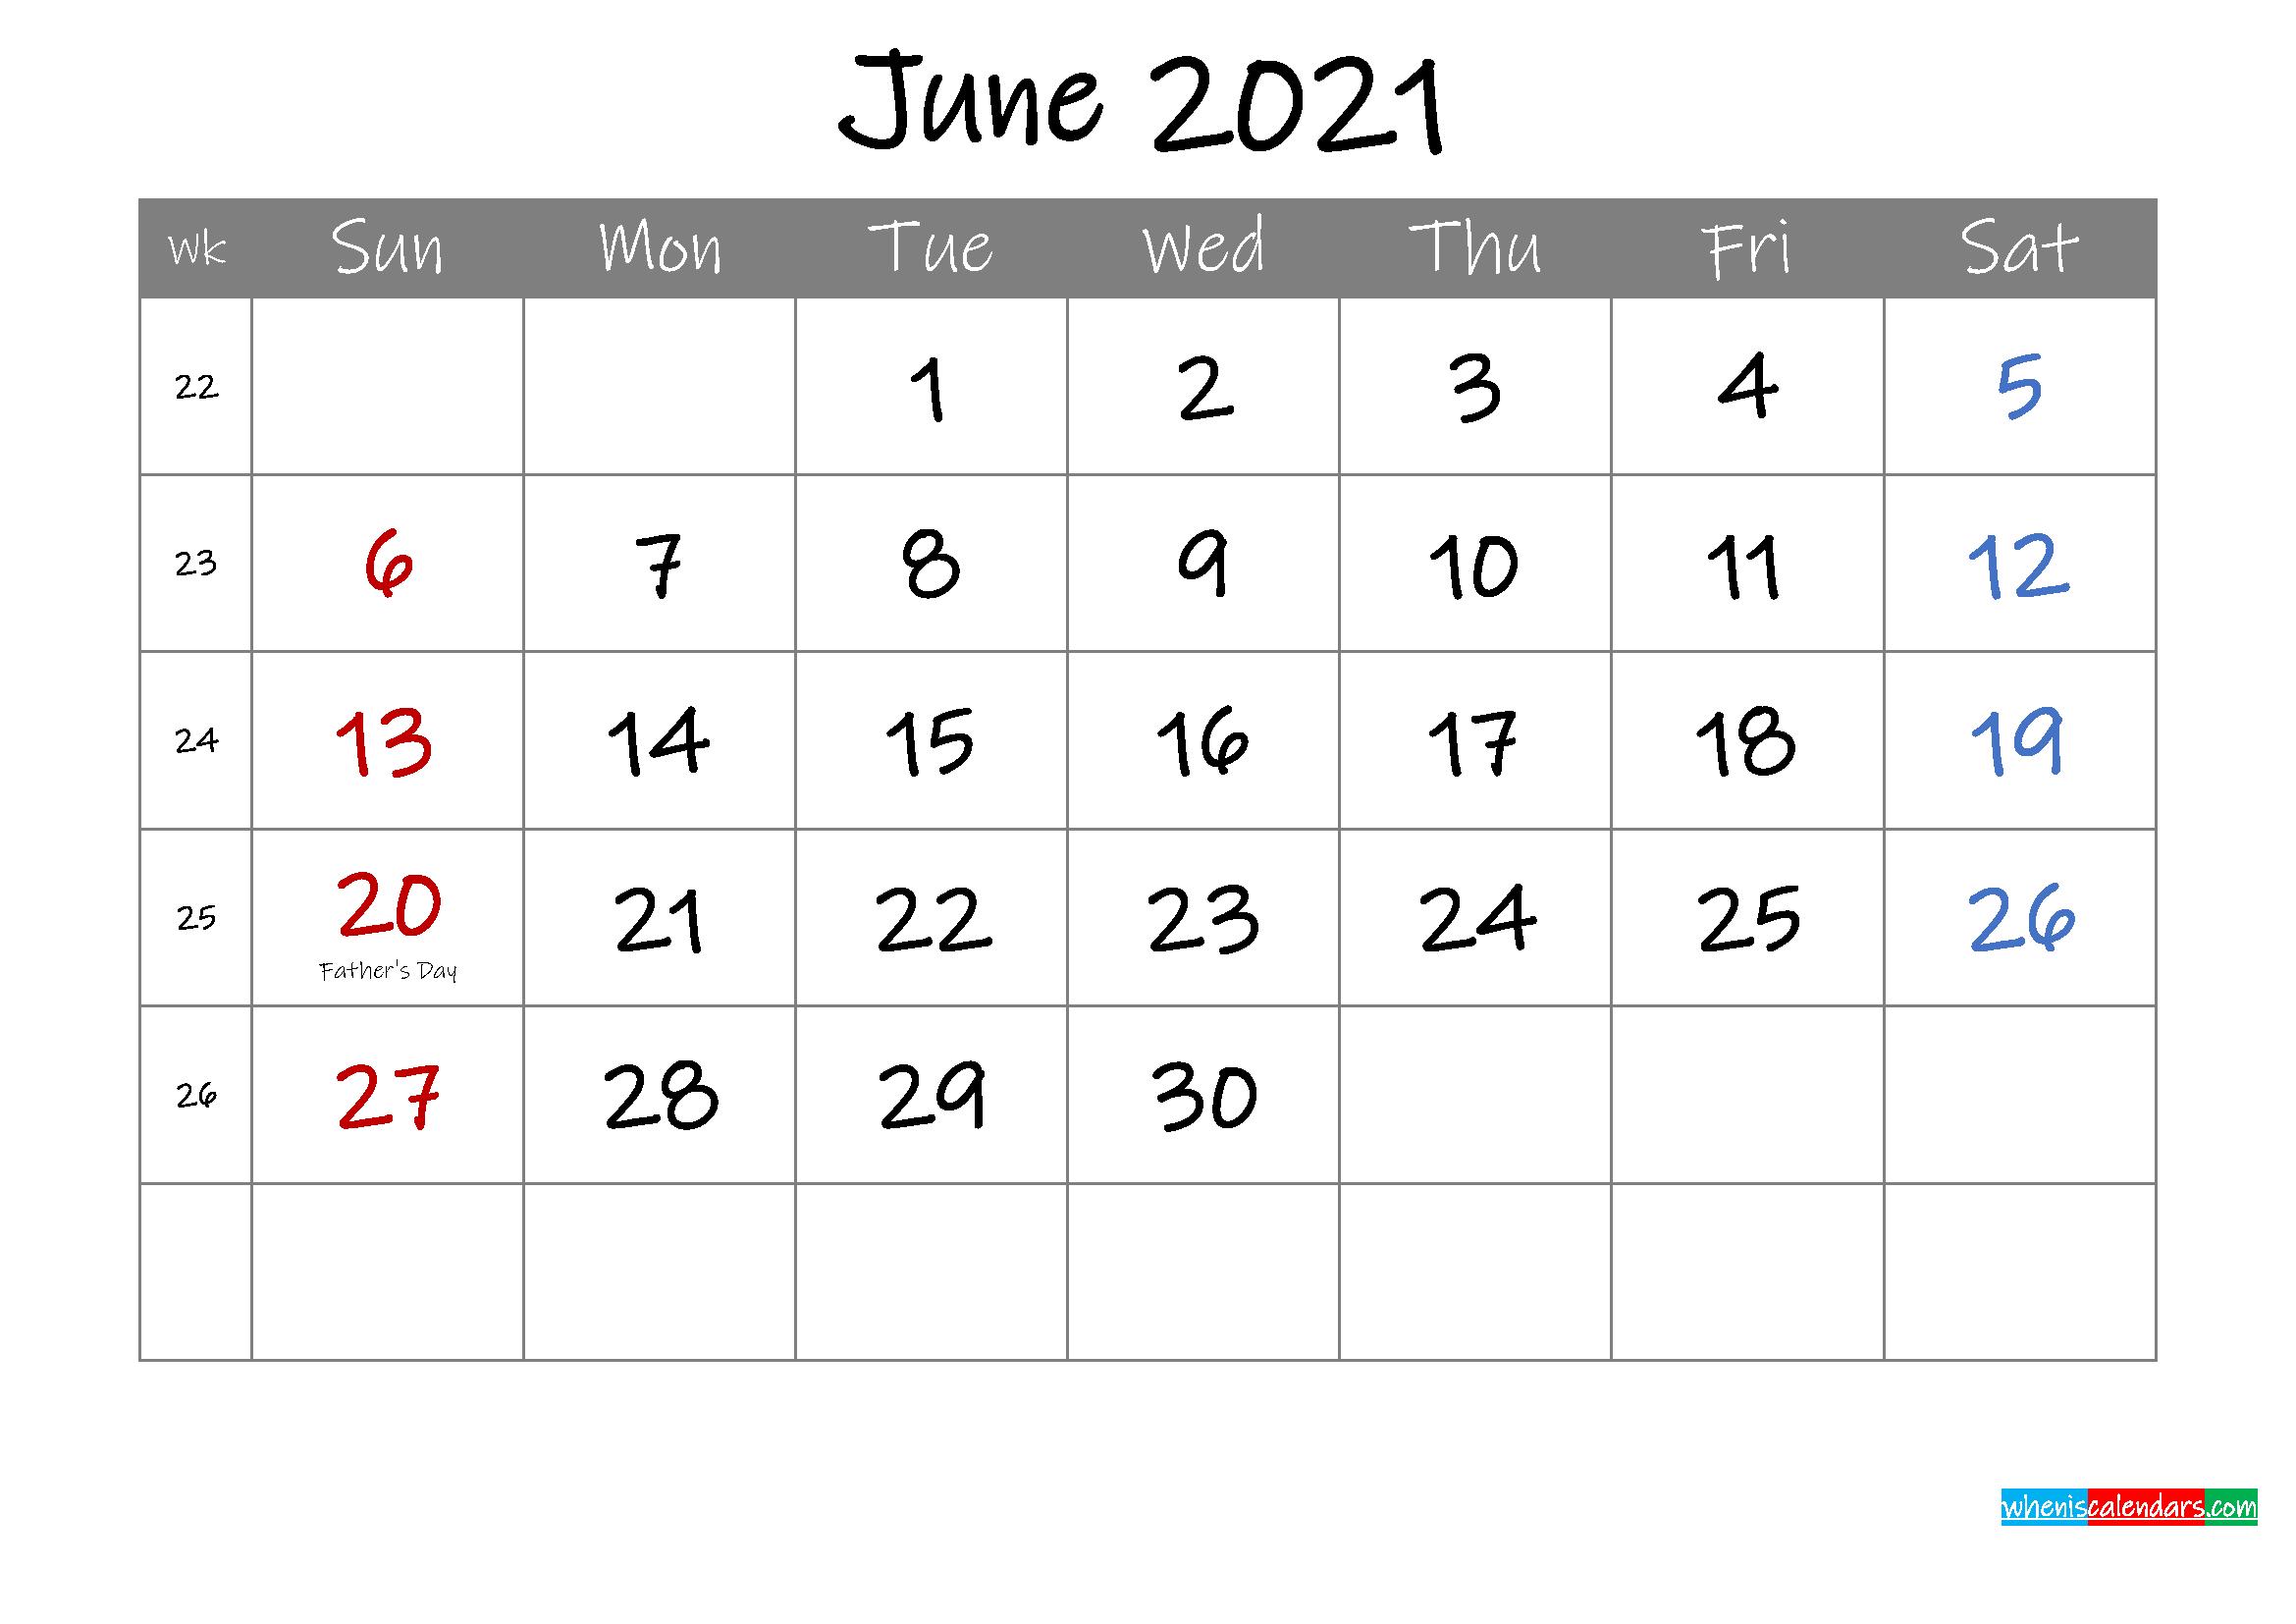 Editable June 2021 Calendar with Holidays